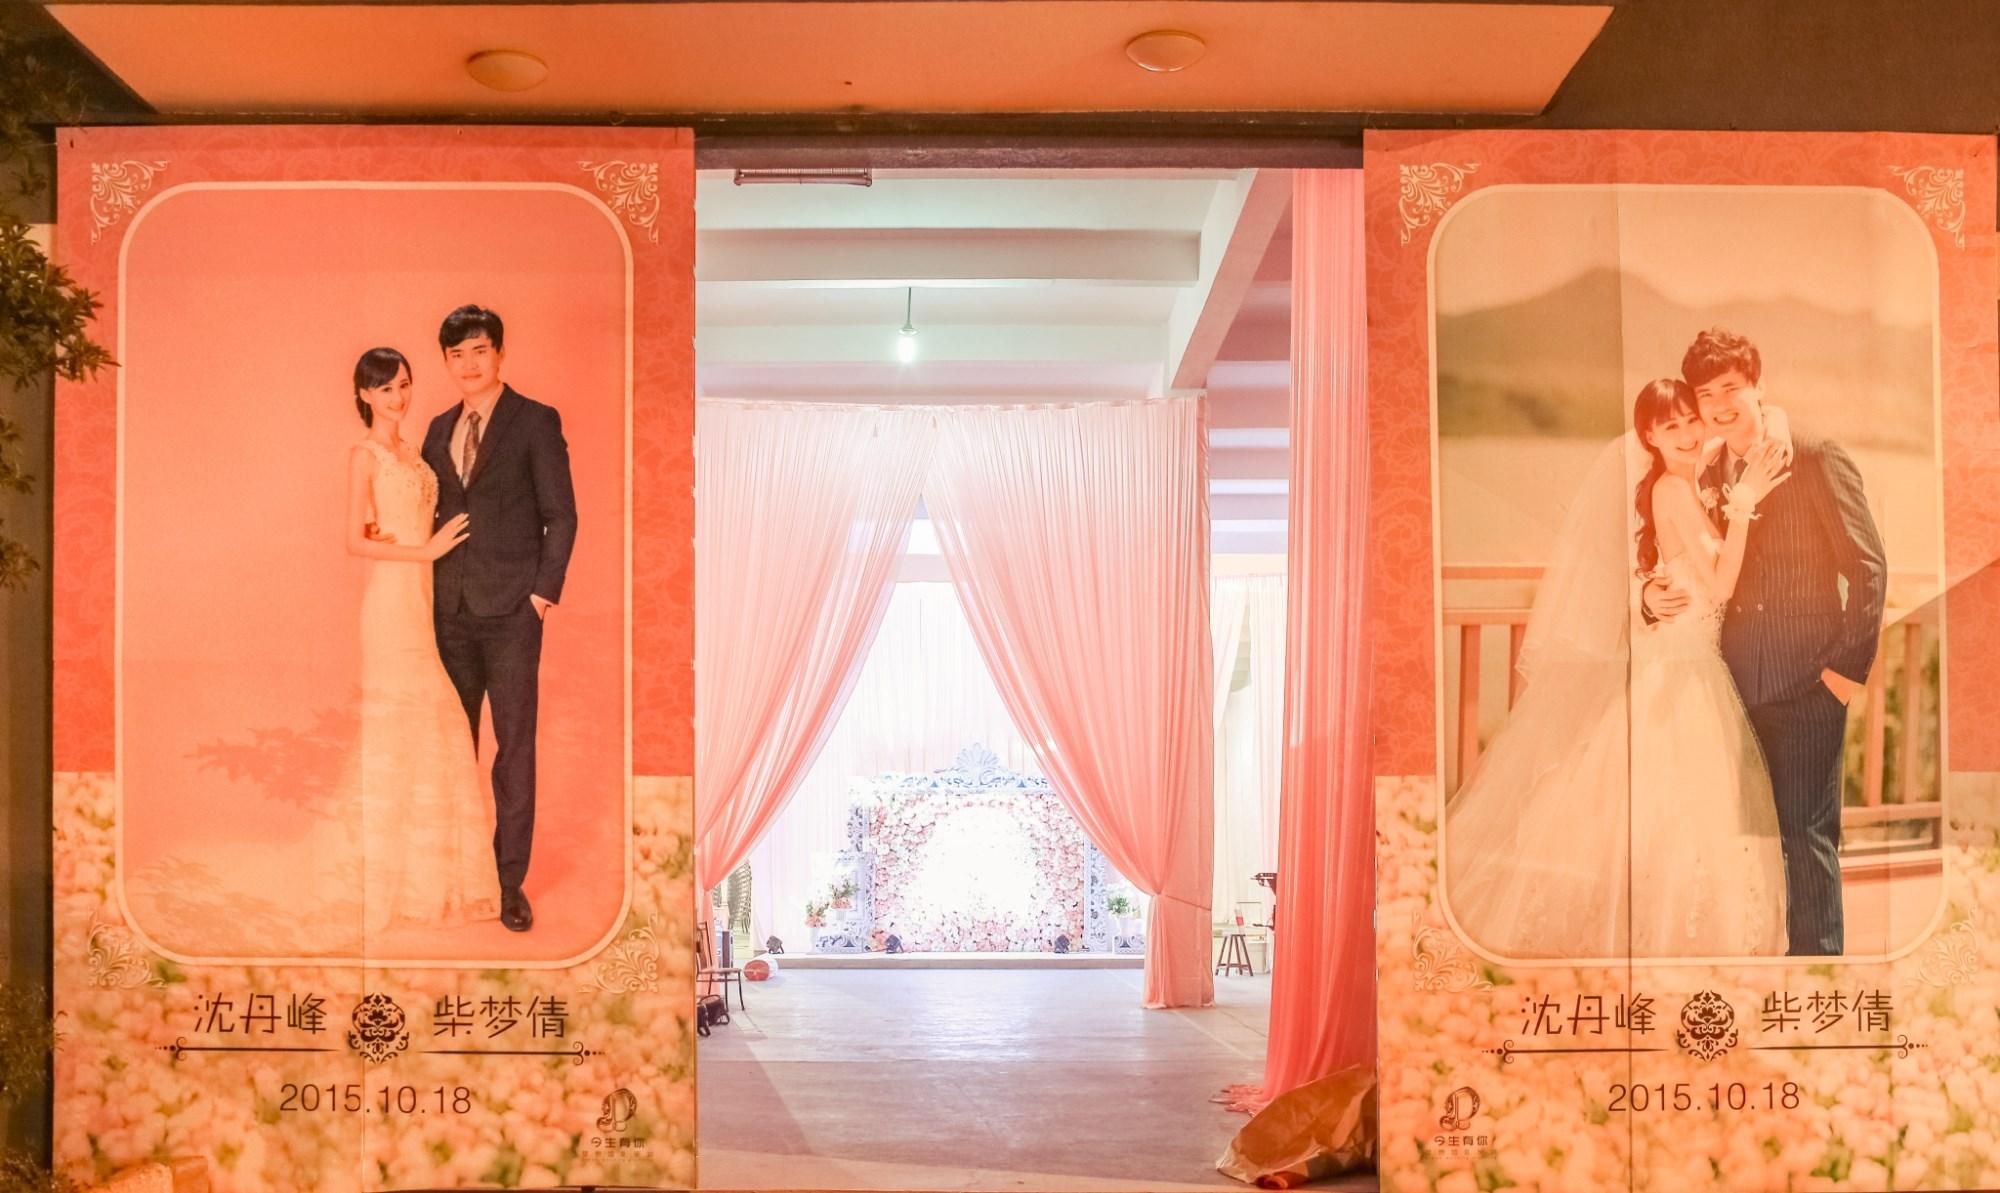 迎宾区欧式相框花墙设计装饰 婚礼现场入口处两侧新人照片墙 婚礼迎宾